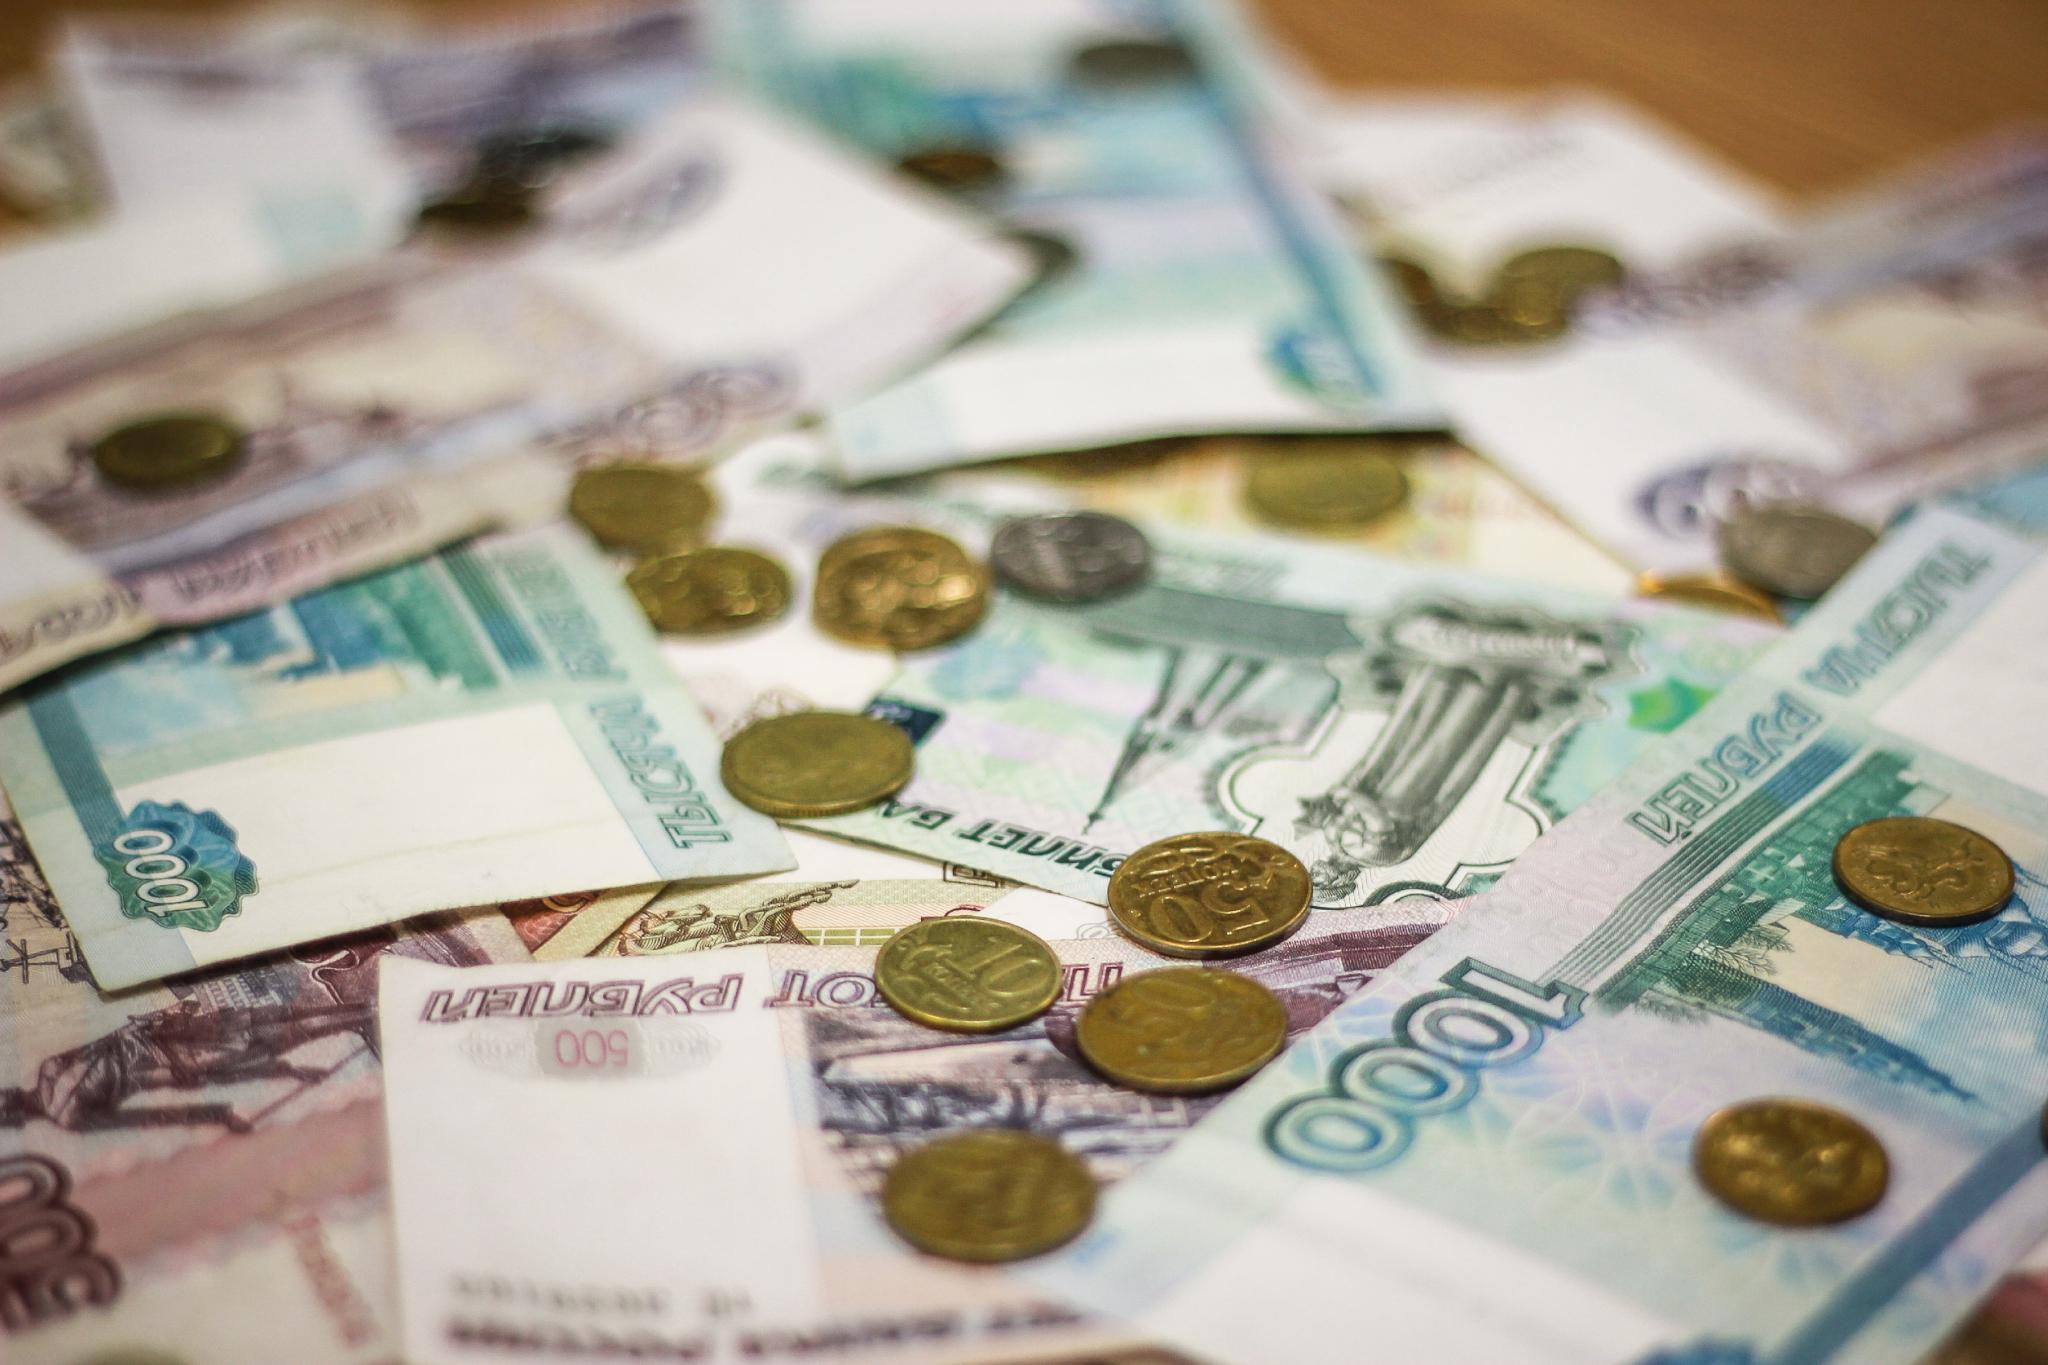 Чепчанка выплатила 20-миллионный долг, чтобы выехать из страны